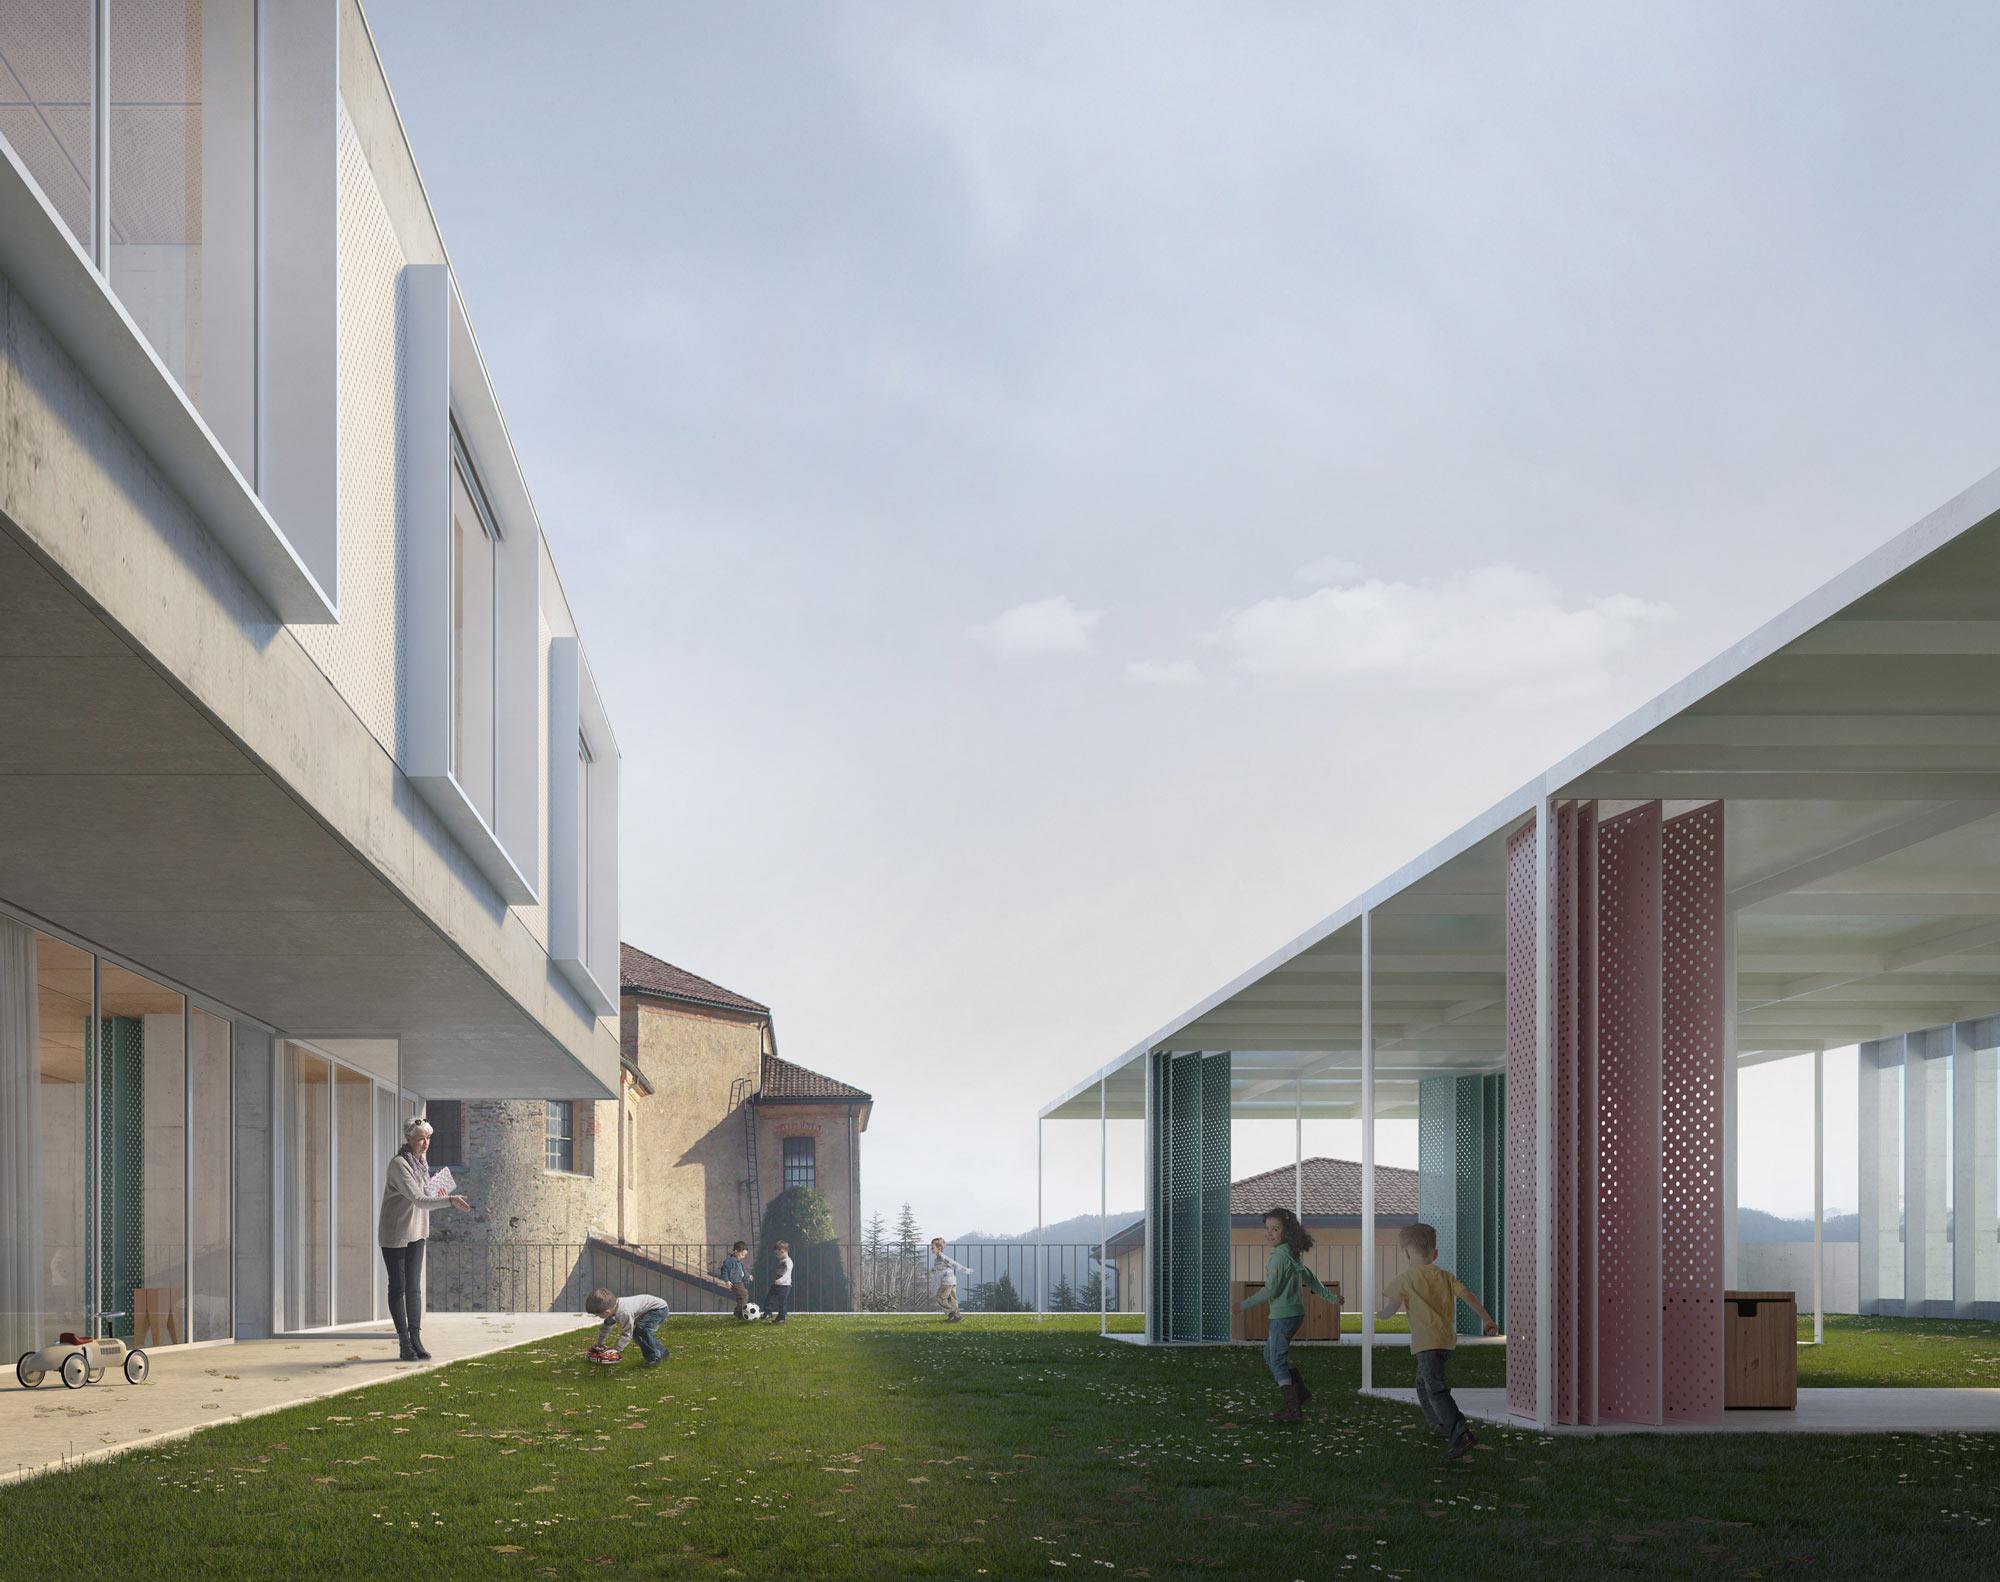 caruso_mainardi architetti | Kindergarten, Bioggio (CH)